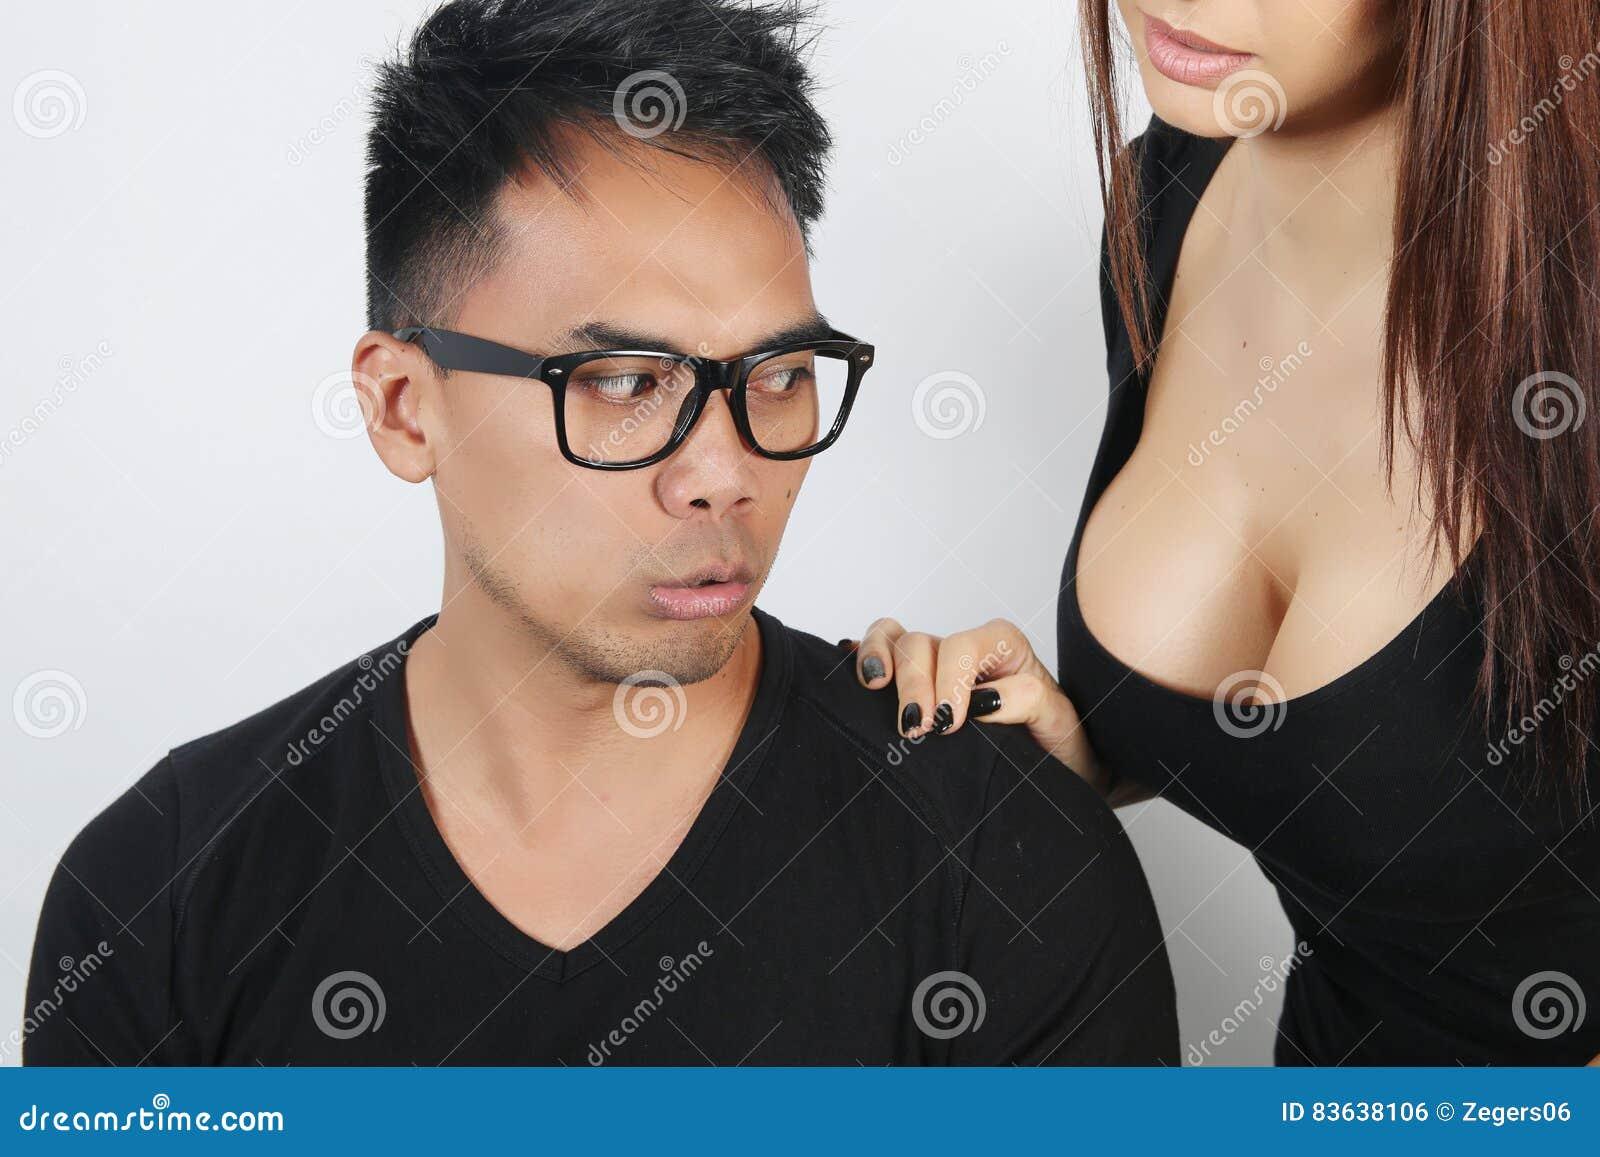 Brust weibliche mann will Brustwachstum beim